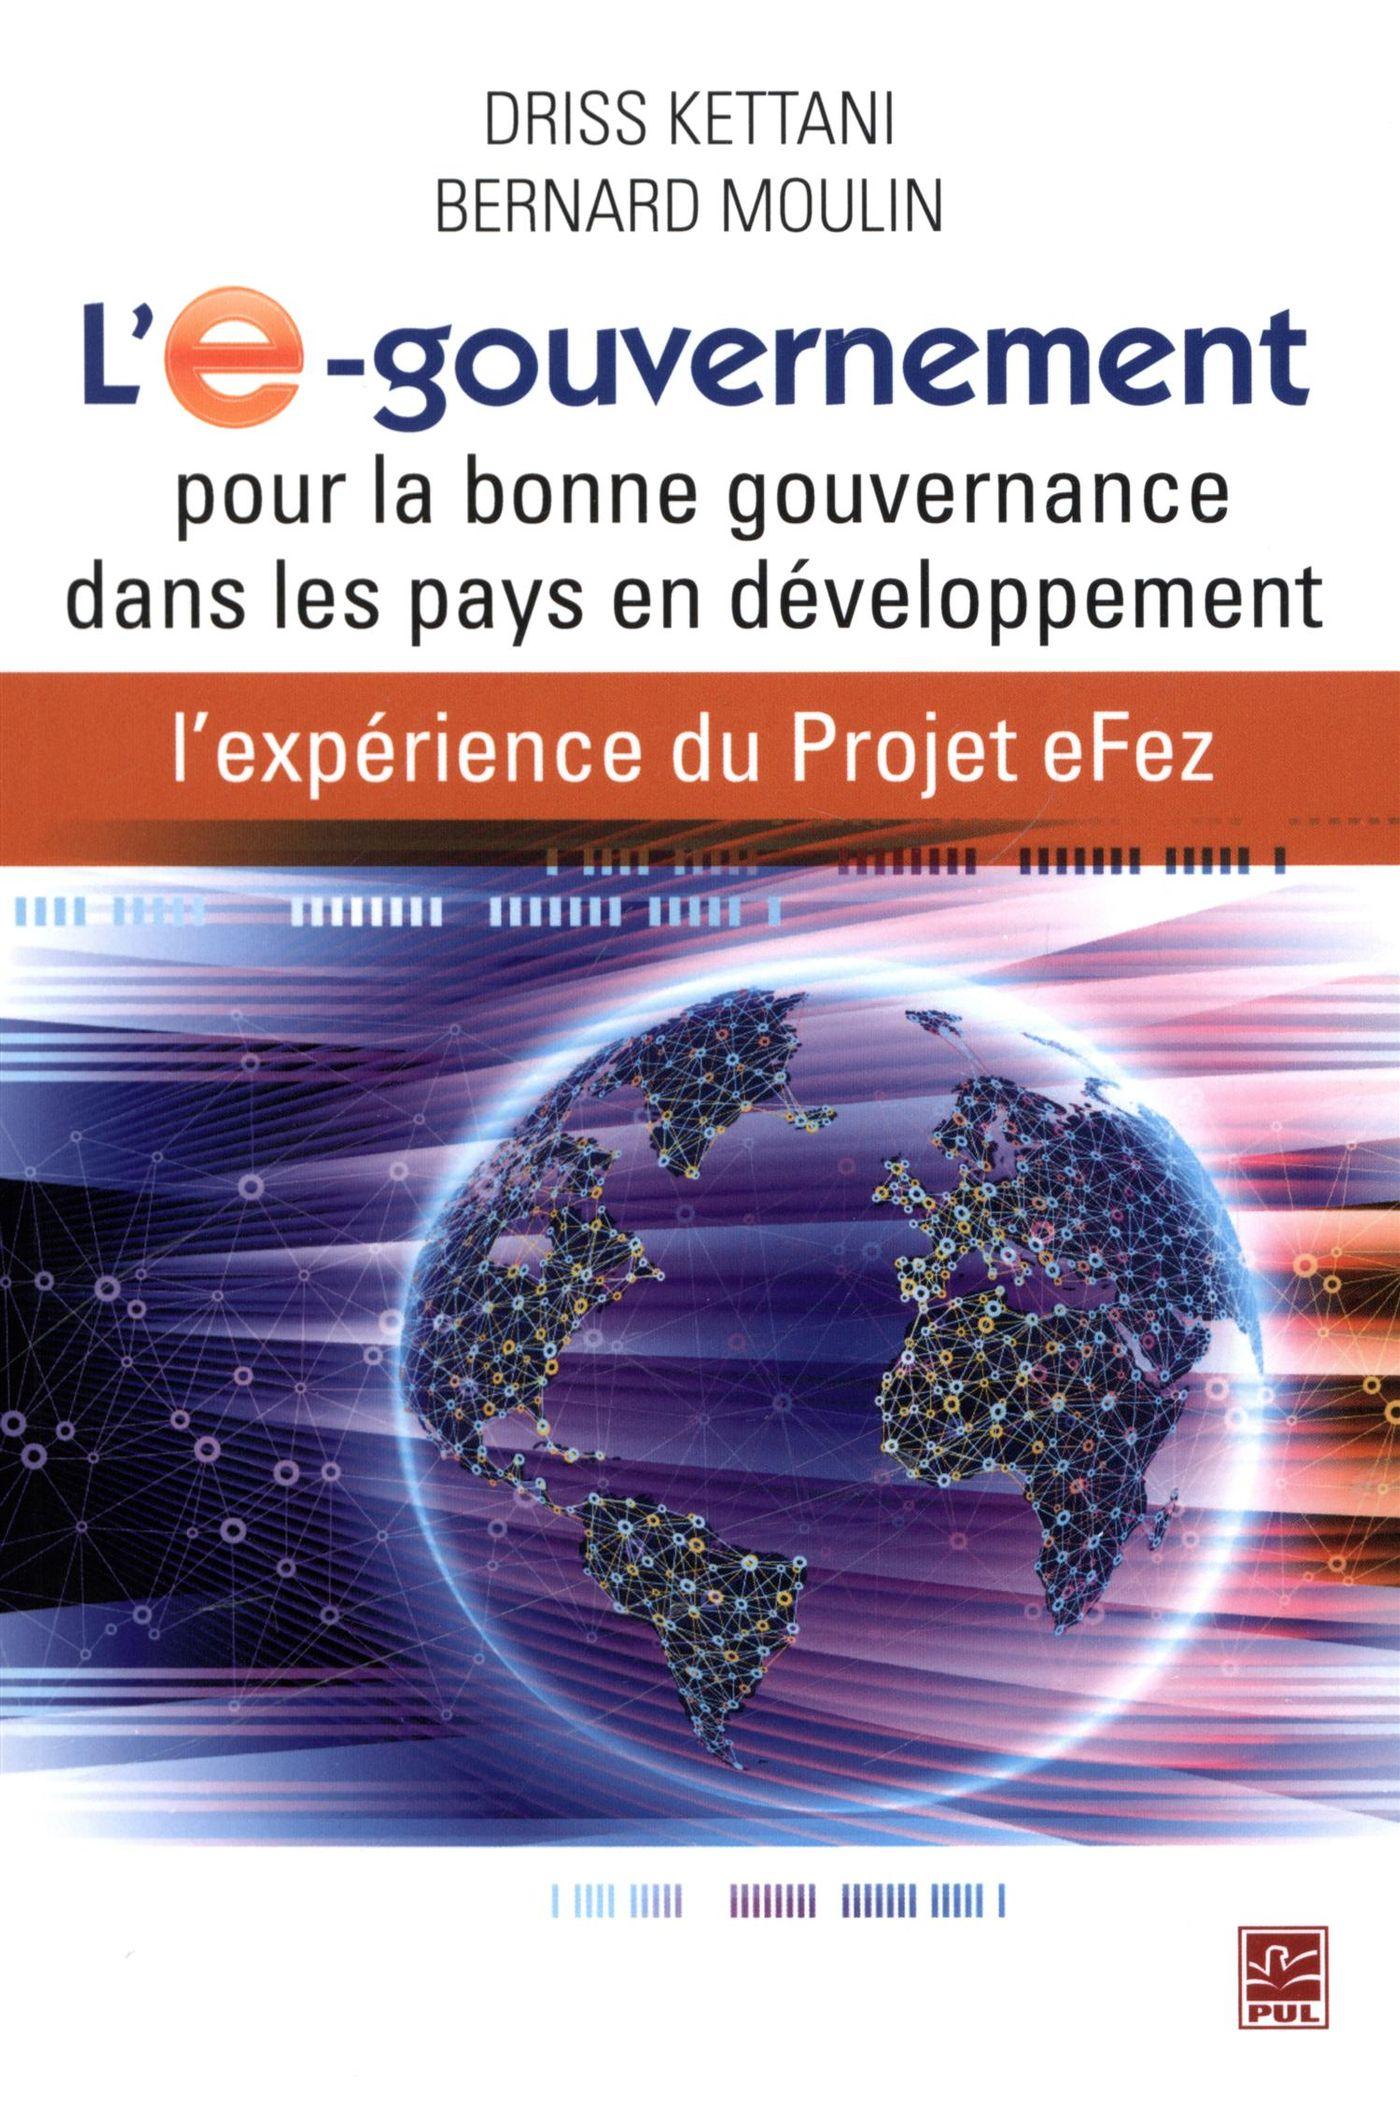 L'E-gourvernement pour la bonne gouvernance dans les pays...